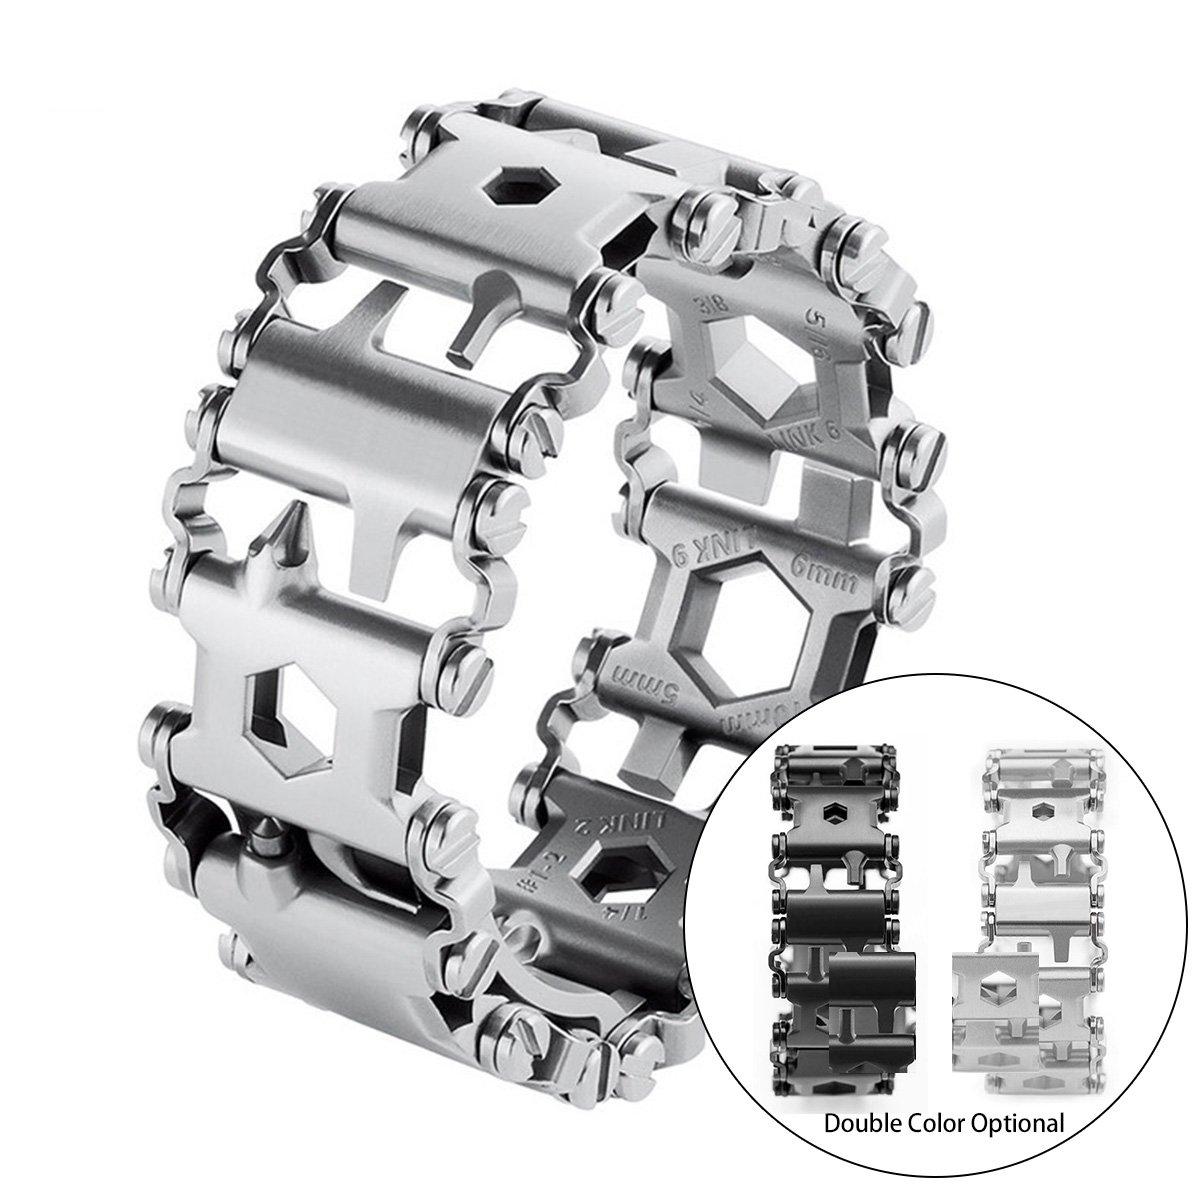 Multi Wearable Tread Bracelet Stainless Steel Wearable 29 IN 1 Multi-tool, for Outdoor Emergency (SILVER)